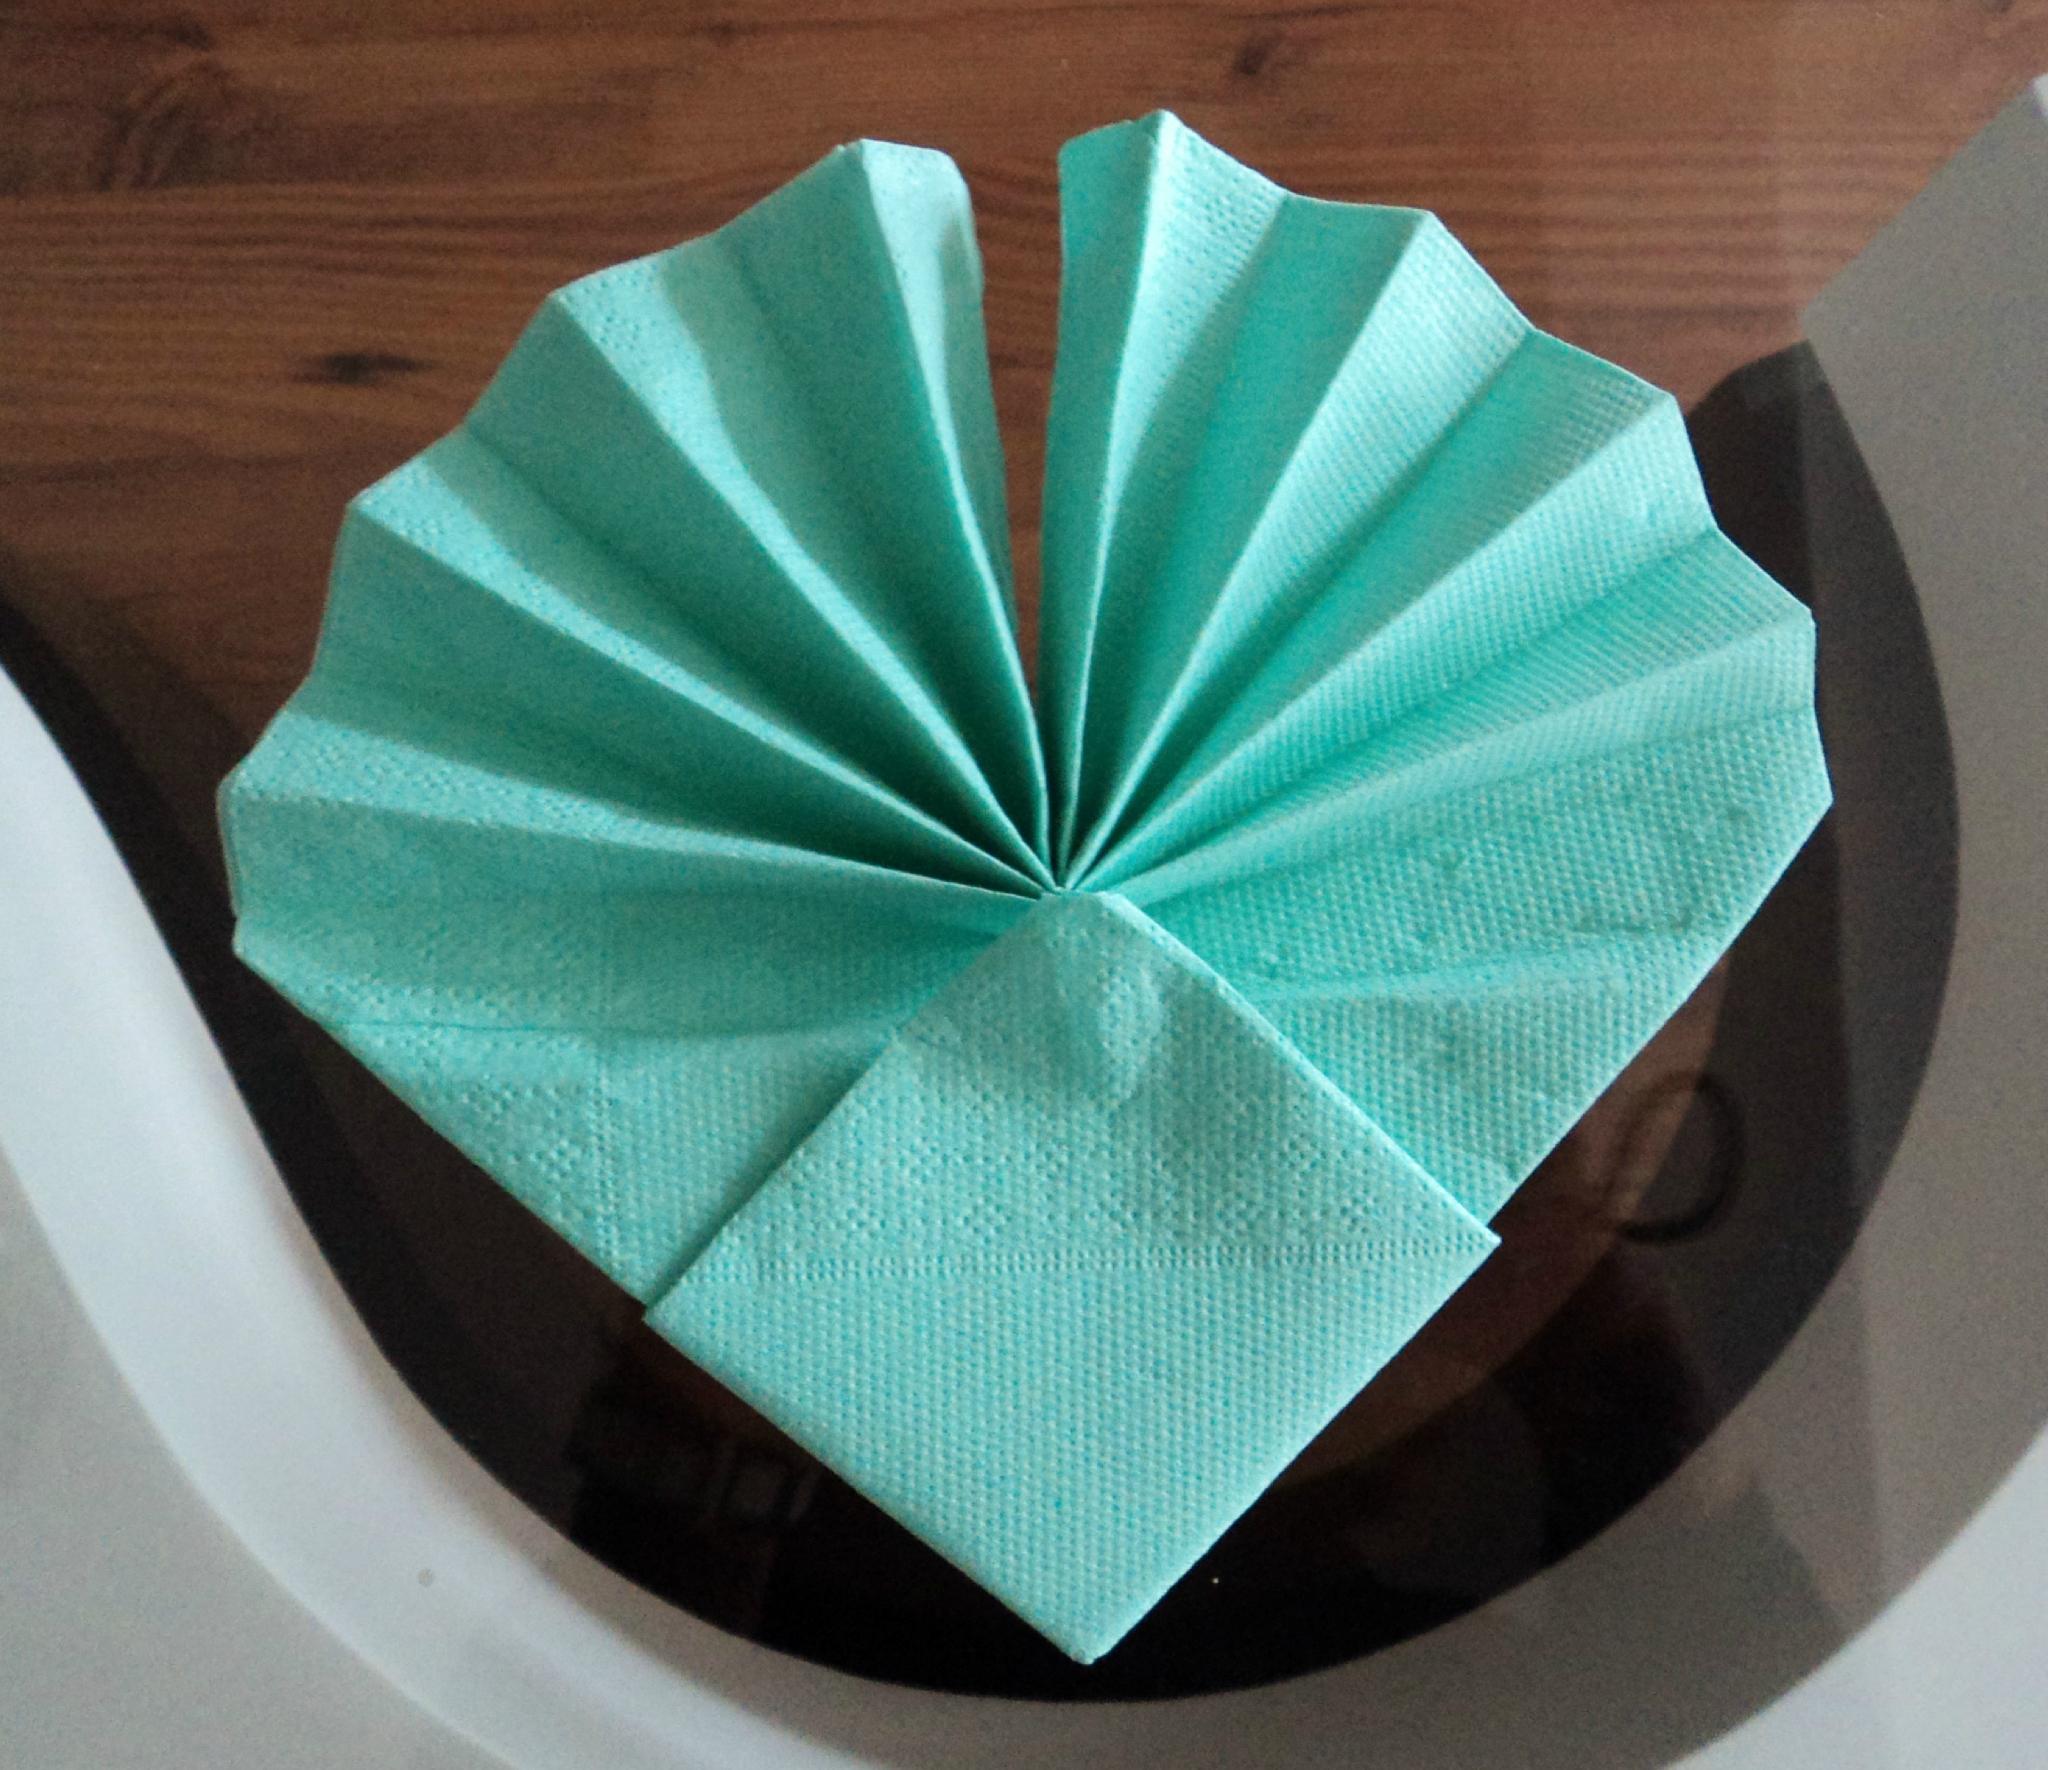 Serviettes en papier pliage